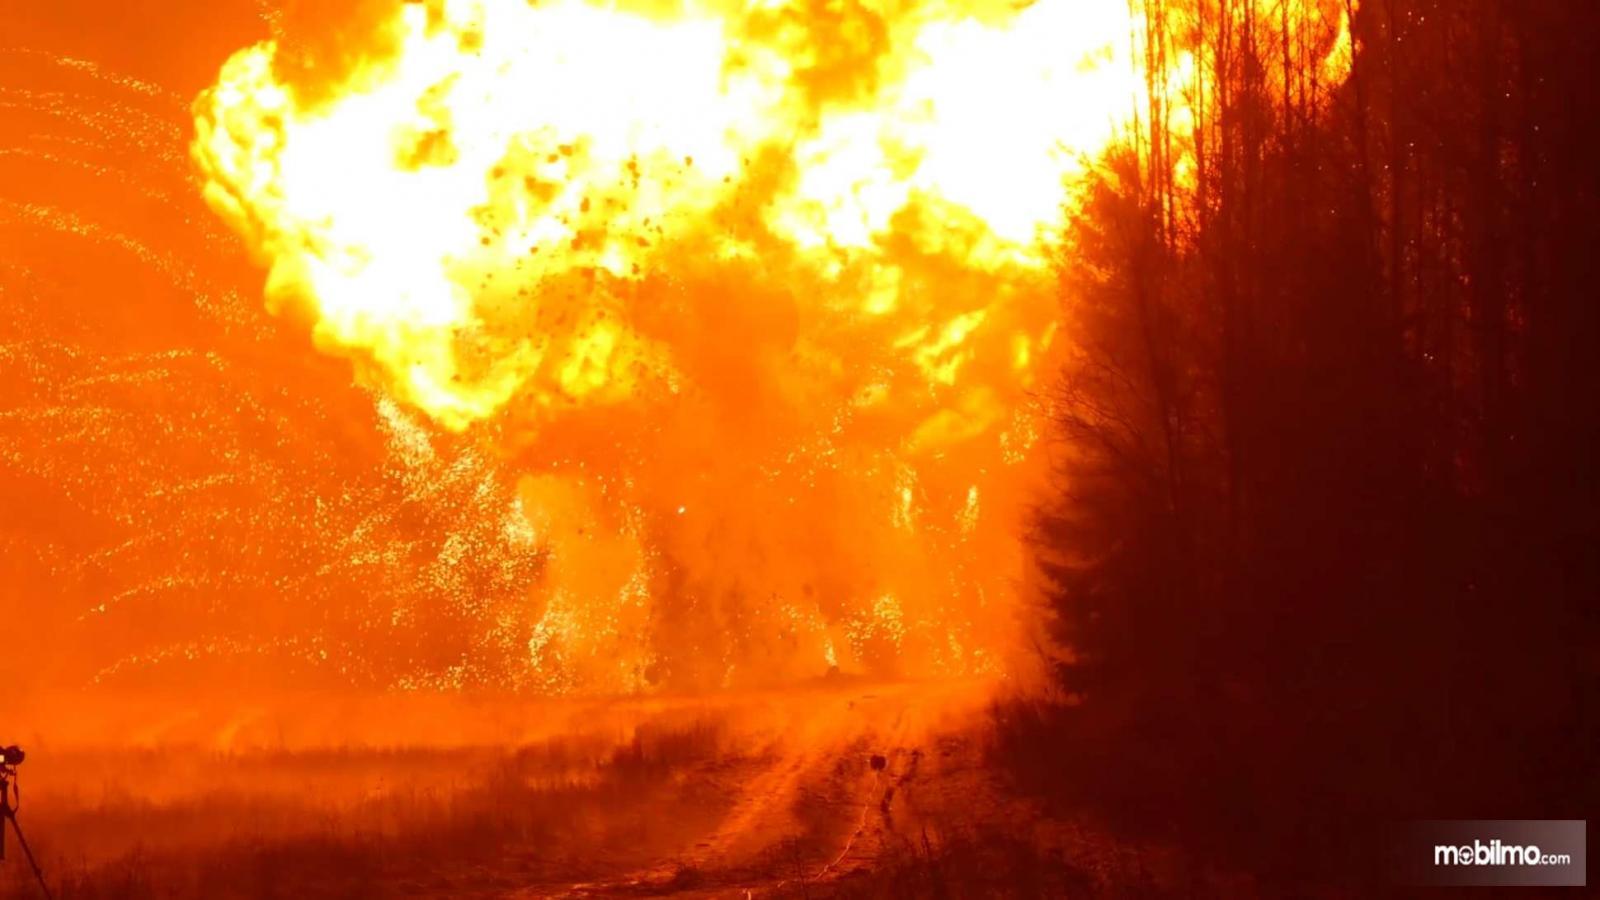 Gambar ledakan mobil